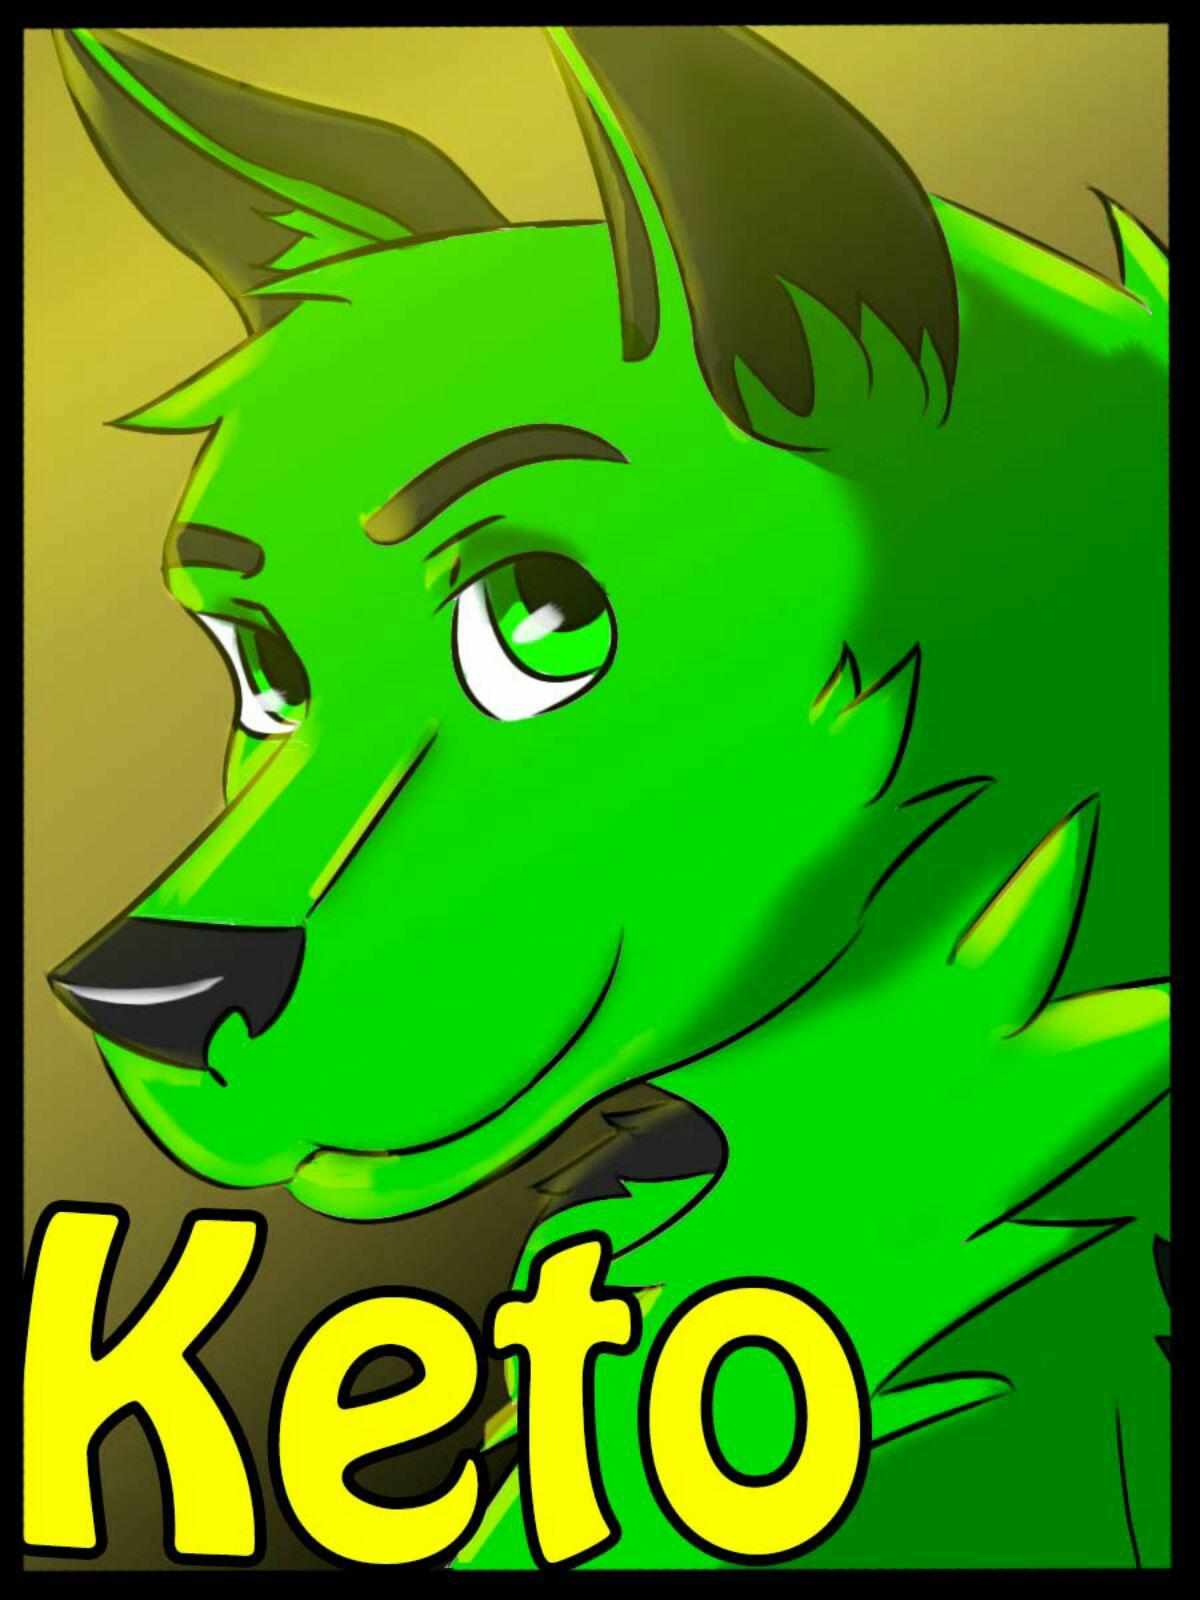 keto_volten 's Fursona Avatar